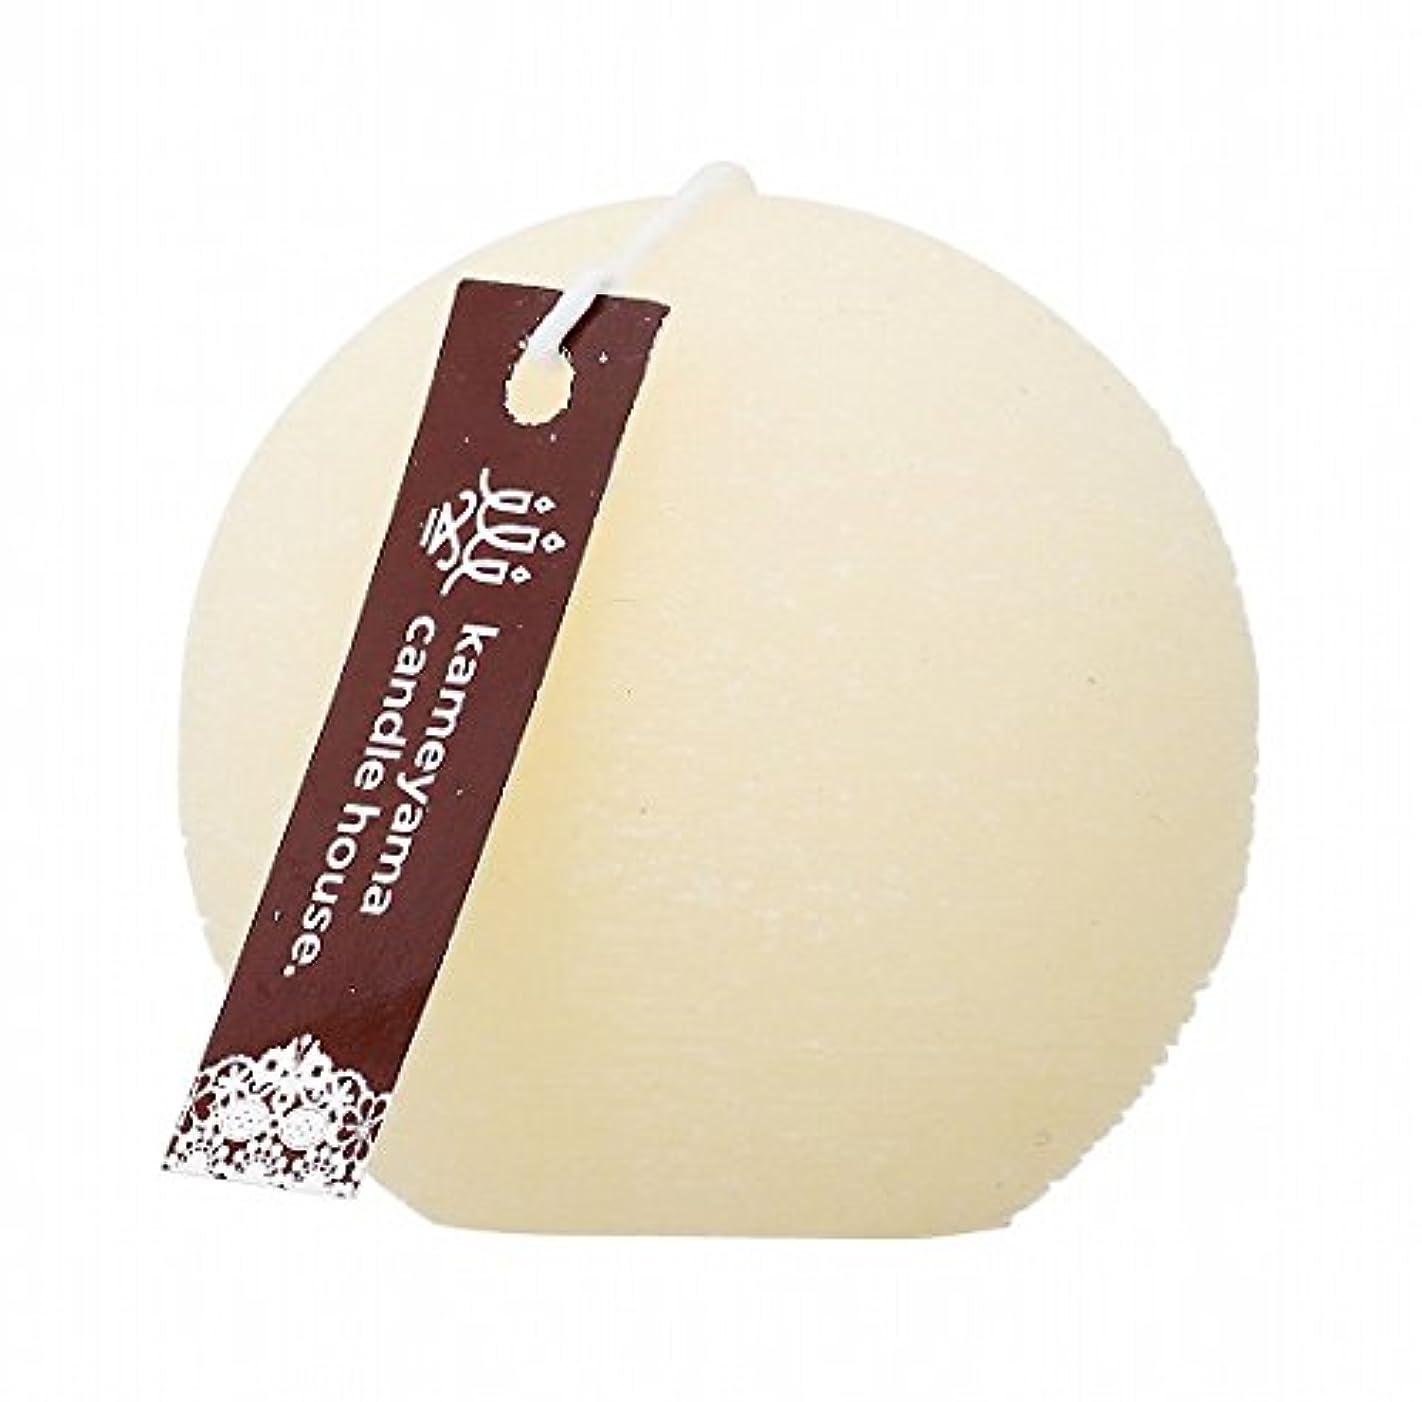 シェル内向き地下室ヤンキーキャンドル(YANKEE CANDLE) ブラッシュボール60 「 アイボリー 」